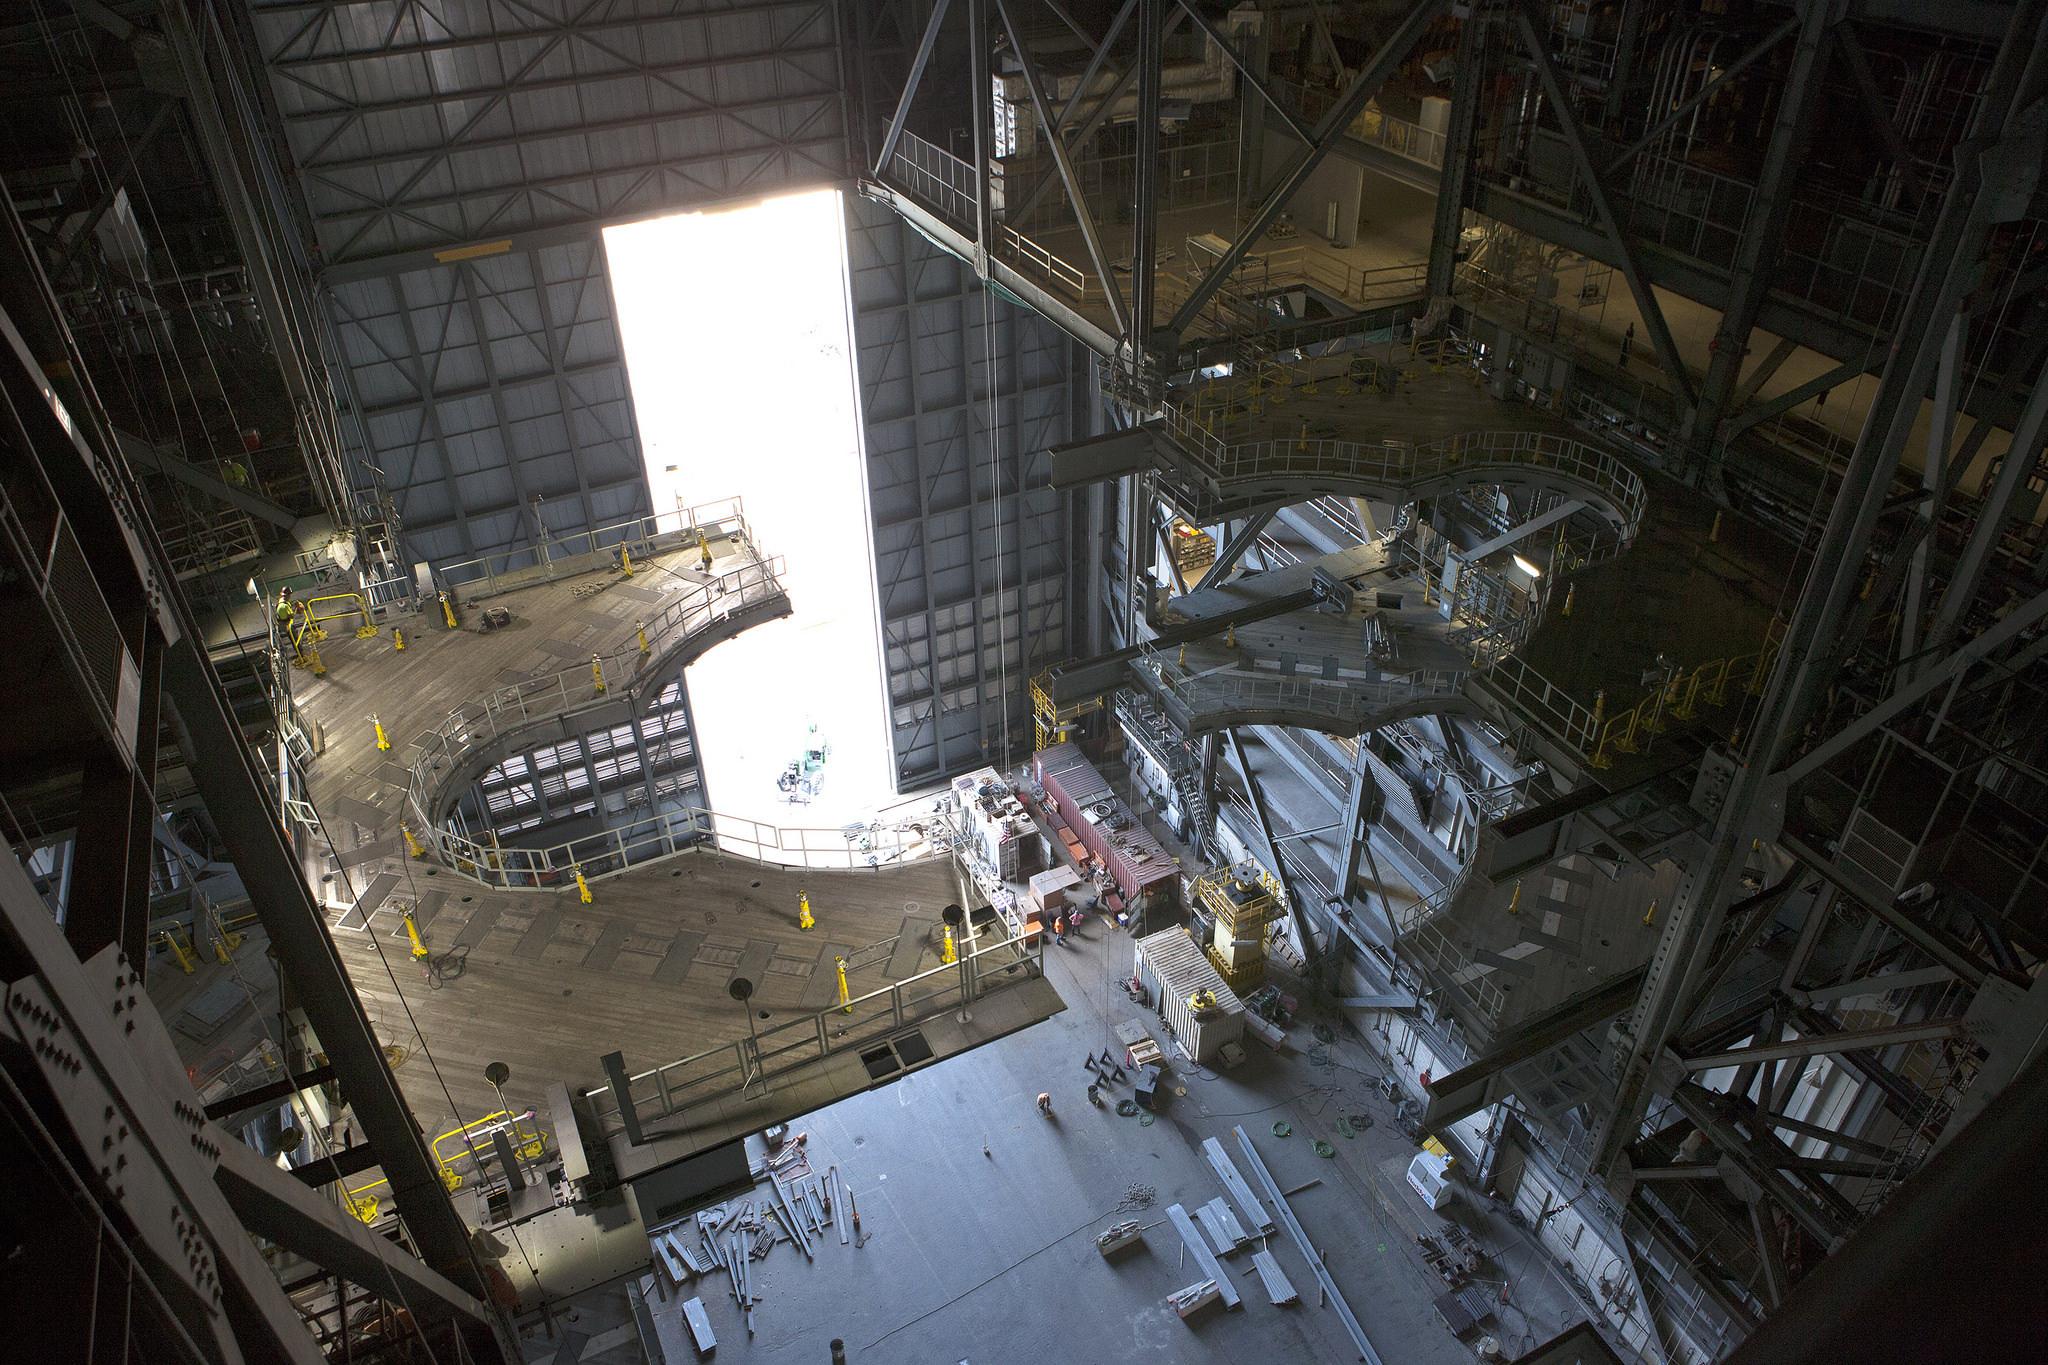 SLS roketinin inşa edildiği hangar. [NASA/MSFC]